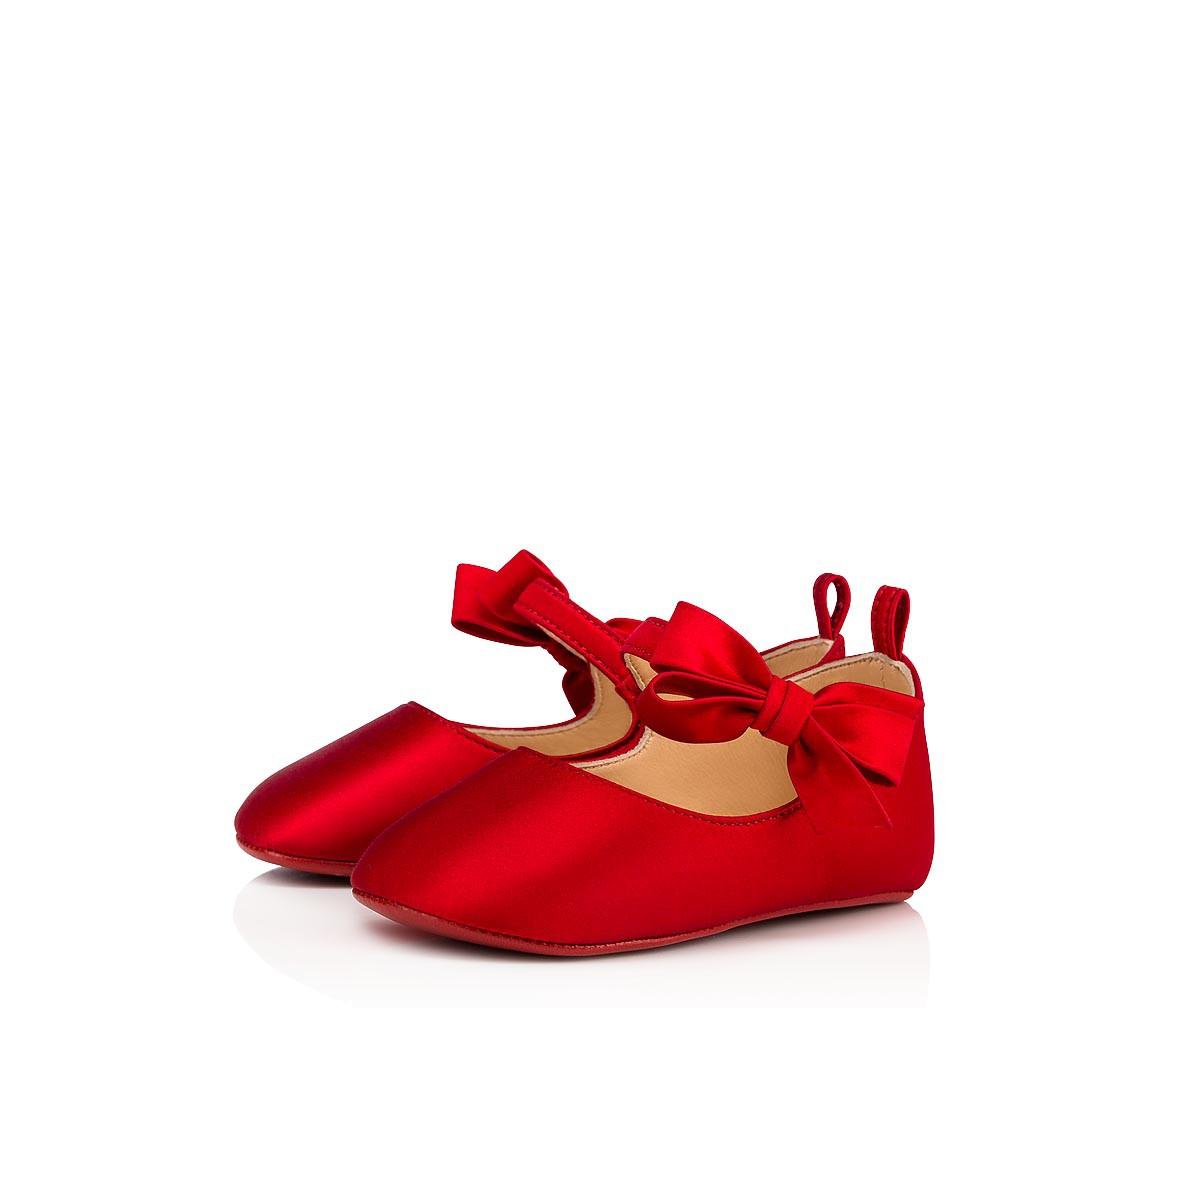 2e07ca73d89 Women Kid Shoes - Loubi Red Baby Shoes - Christian Louboutin ...